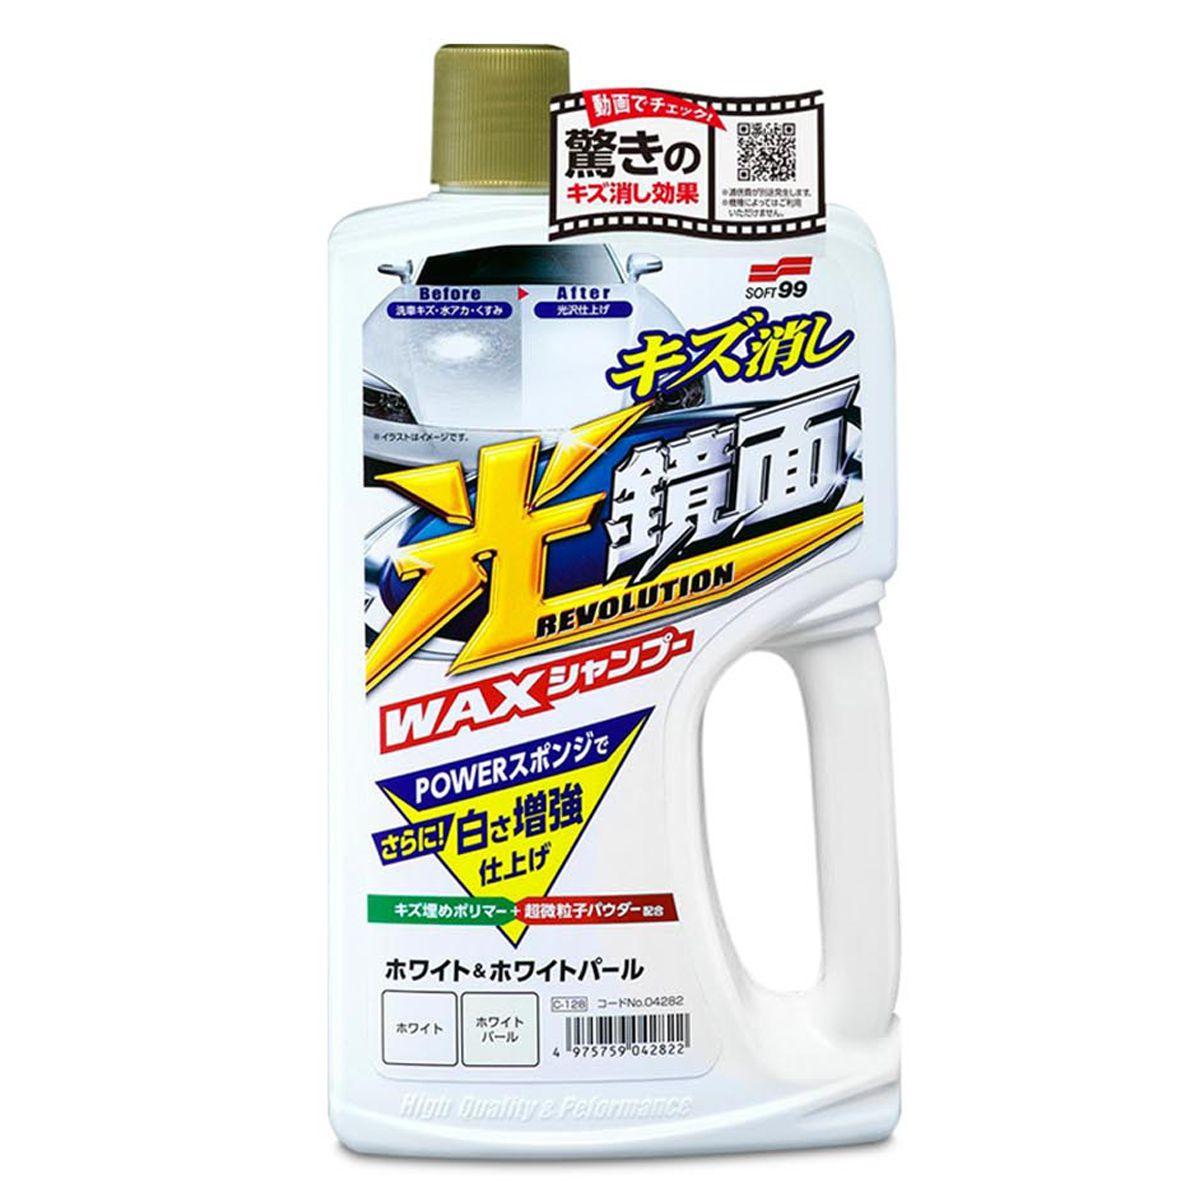 Shampoo com Cera Preenchedor de Riscos para Cores Claras White Gloss 700ml Soft99